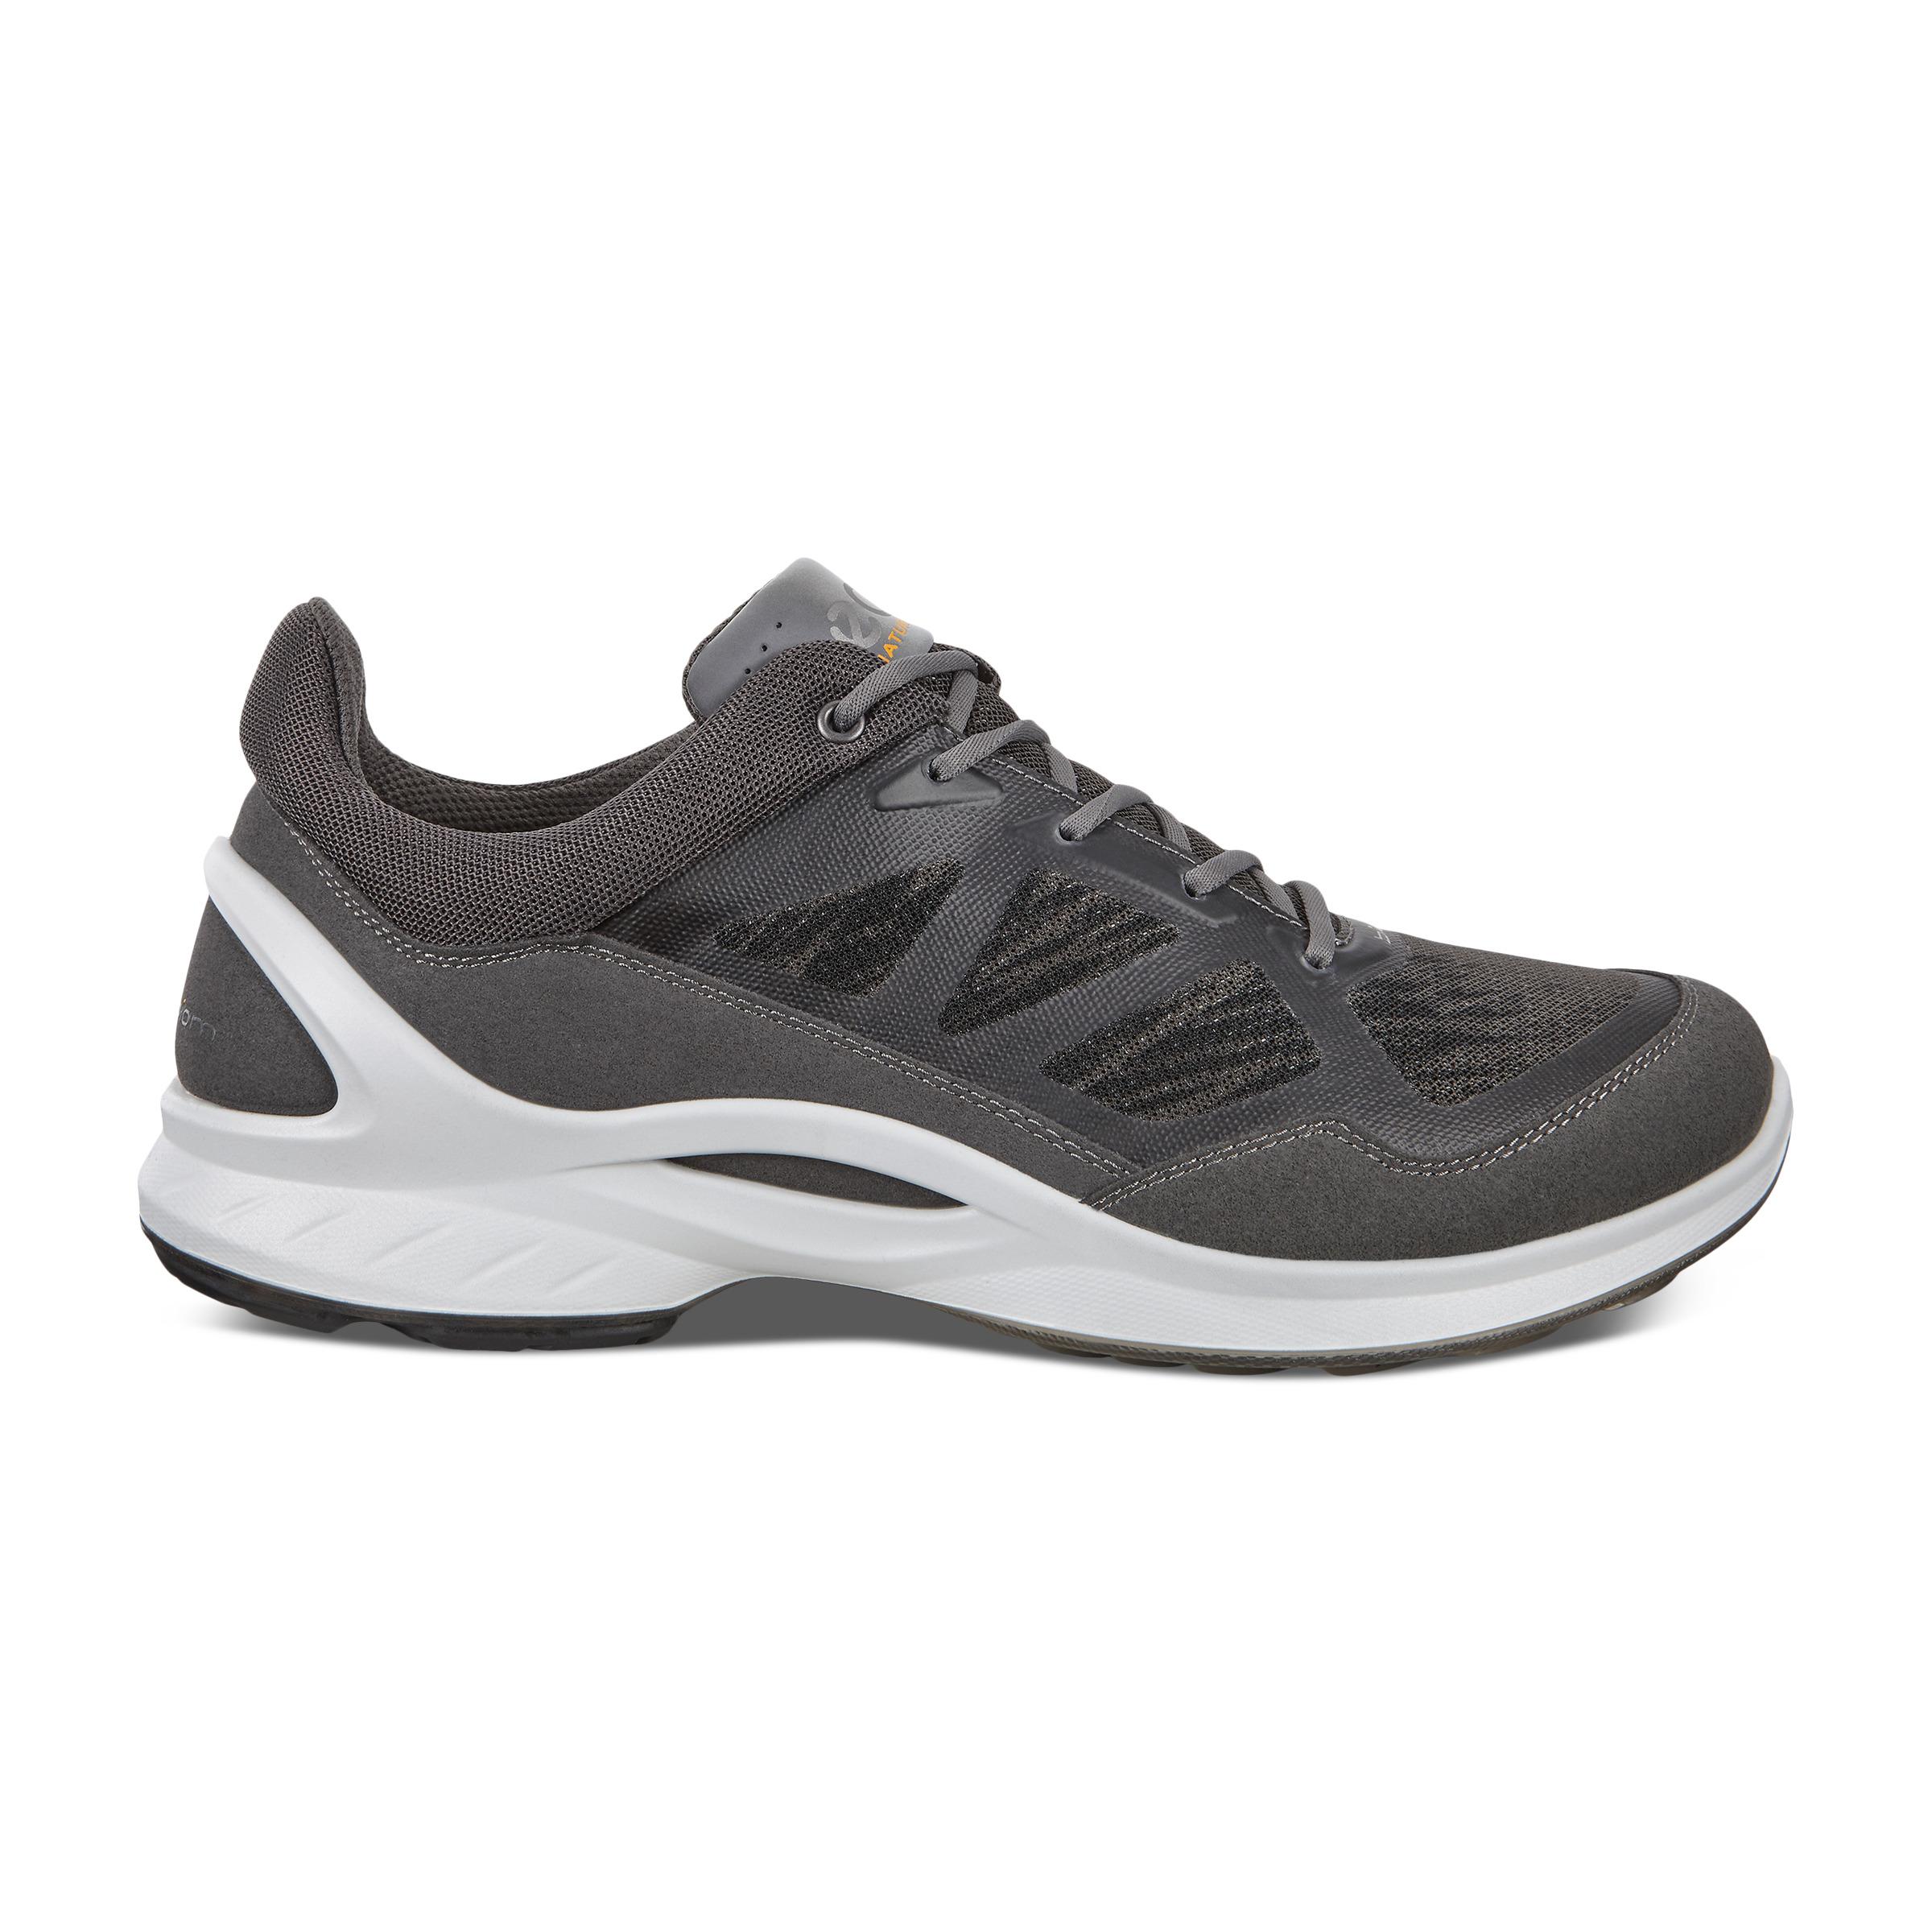 ECCO Biom Fjuel M Outdoor Shoe Sneakers Size 10-10.5 Dark Shadow